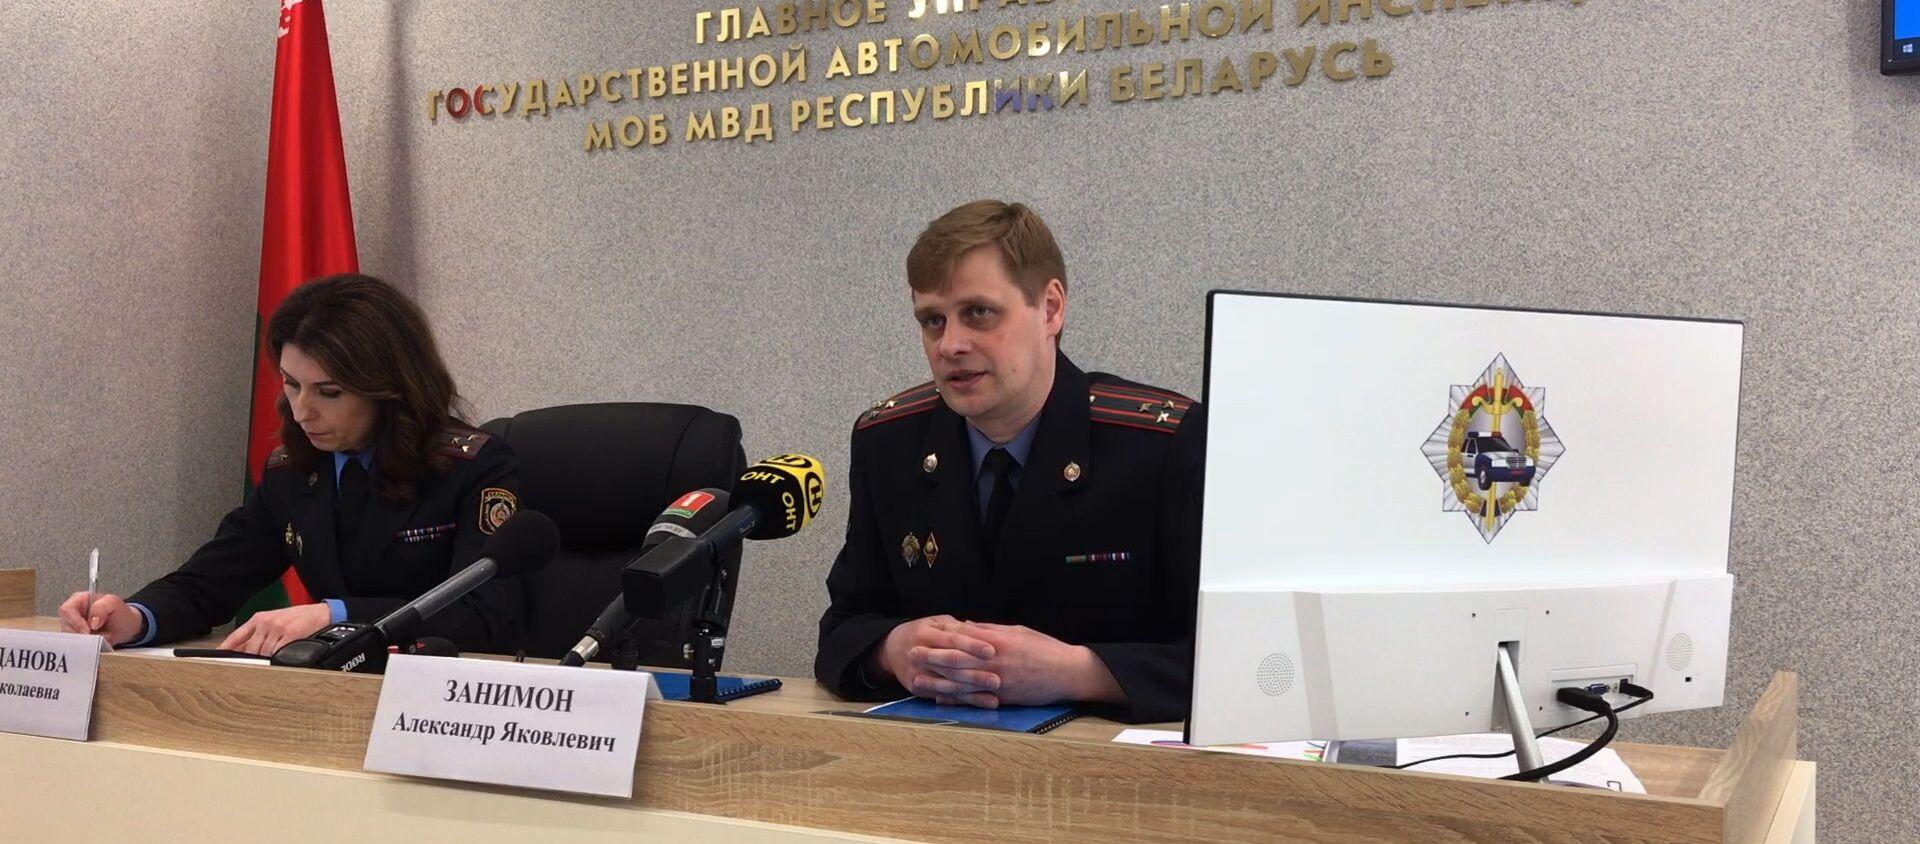 Топ вопросов к ГАИ: за что инспекторы накажут, а когда предупредят - видео - Sputnik Беларусь, 1920, 28.04.2021